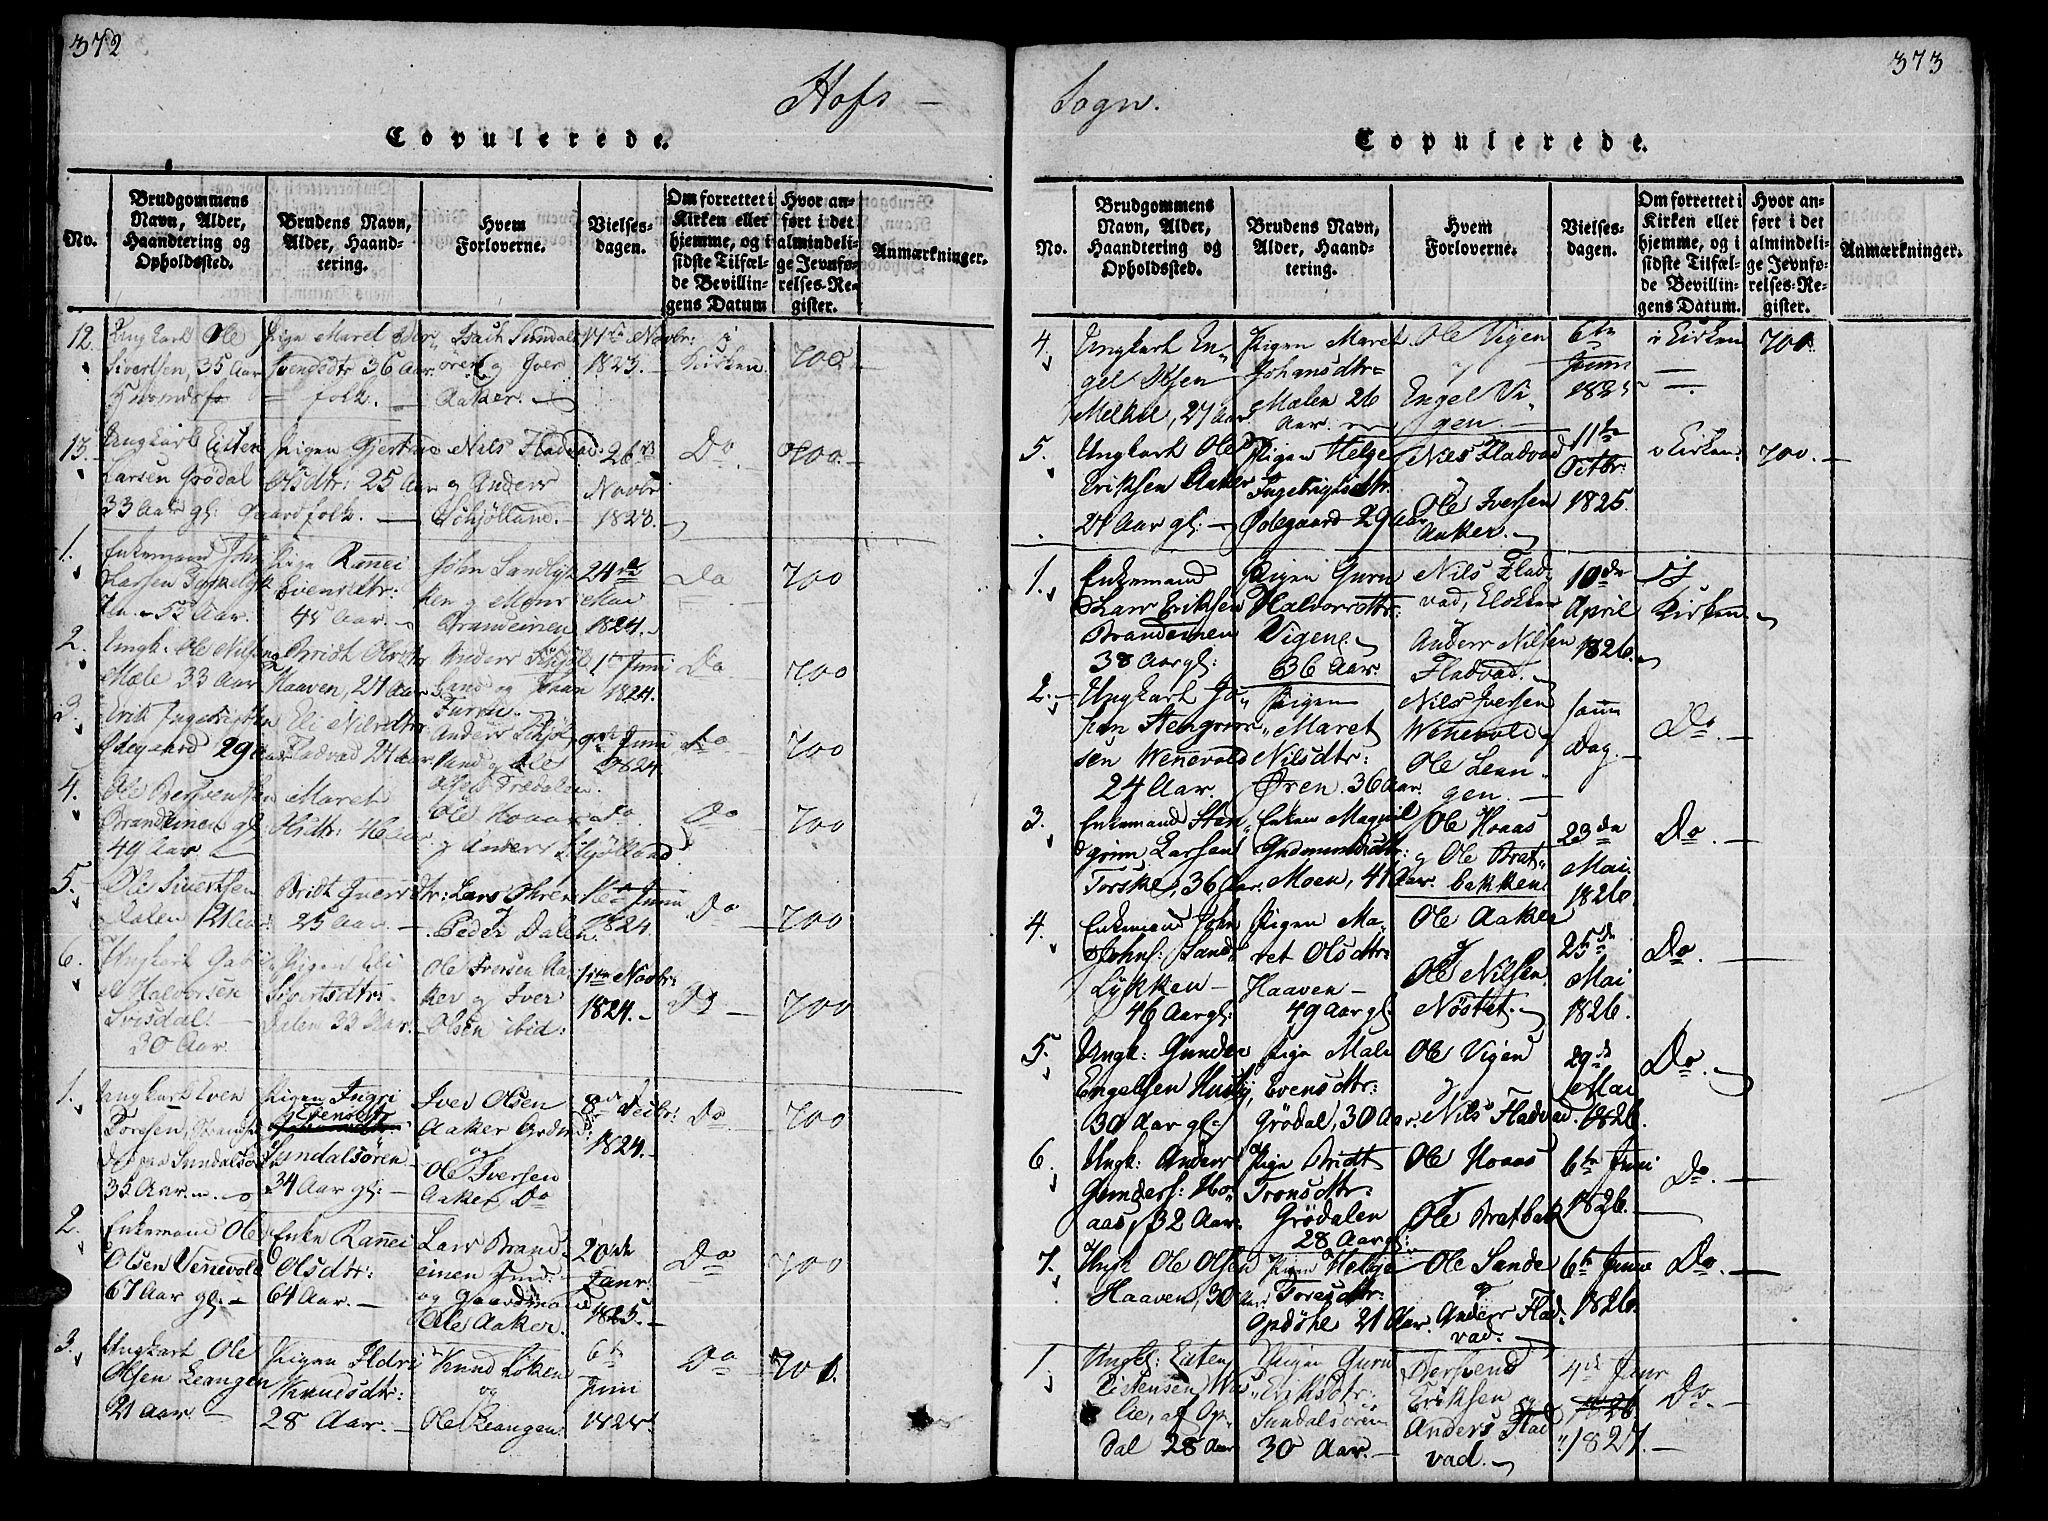 SAT, Ministerialprotokoller, klokkerbøker og fødselsregistre - Møre og Romsdal, 590/L1009: Ministerialbok nr. 590A03 /1, 1819-1832, s. 372-373